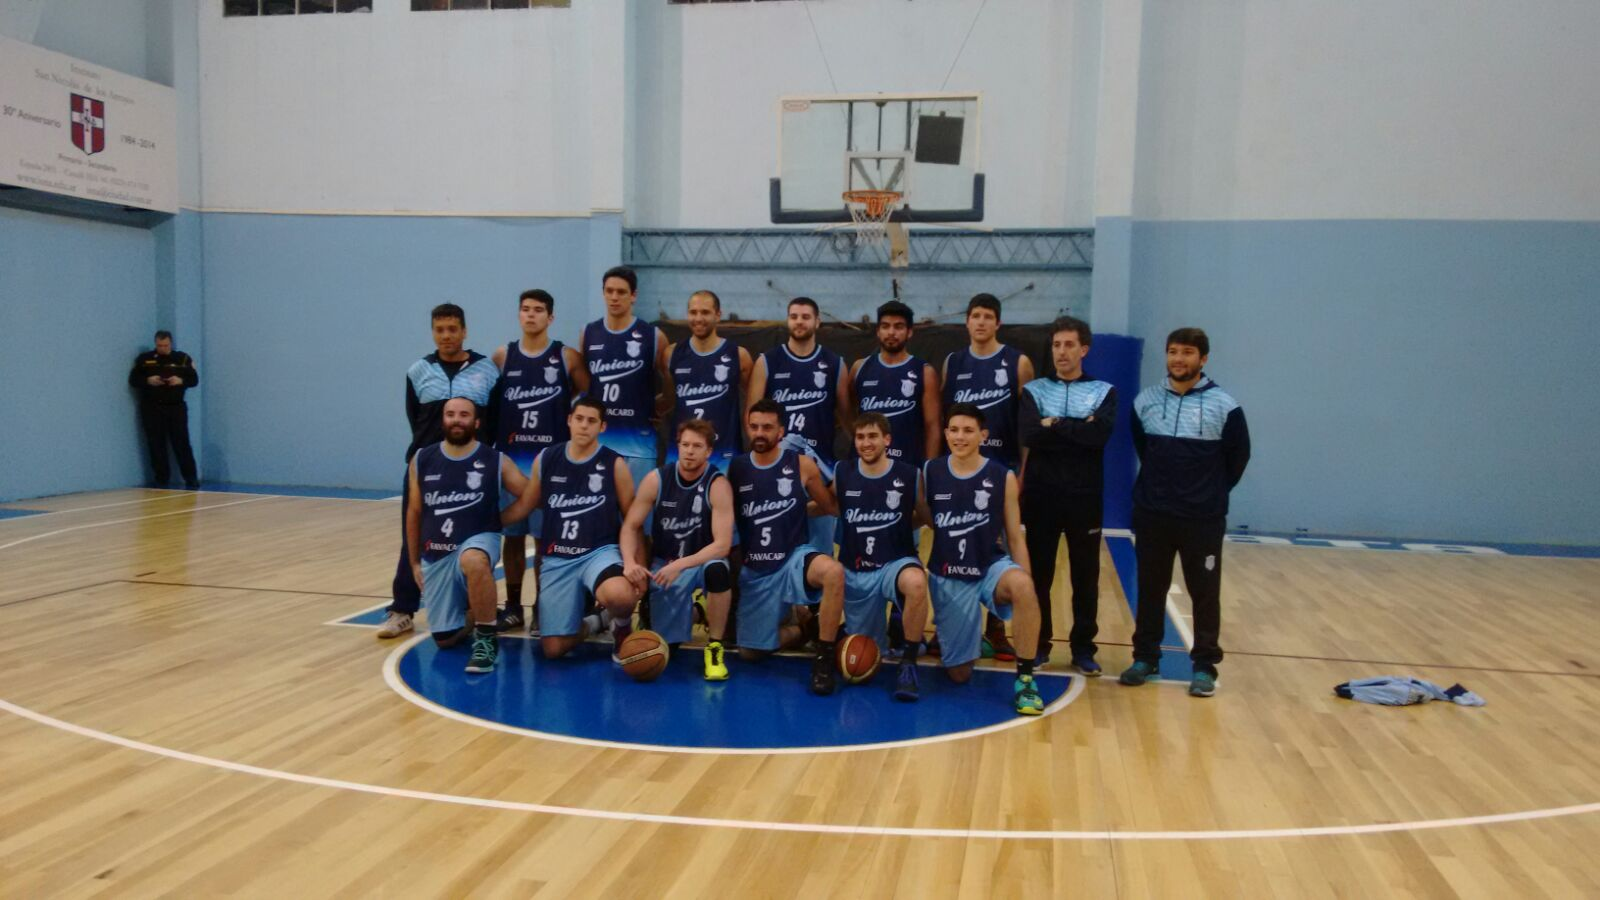 El equipo de Unión para la temporada 2015.